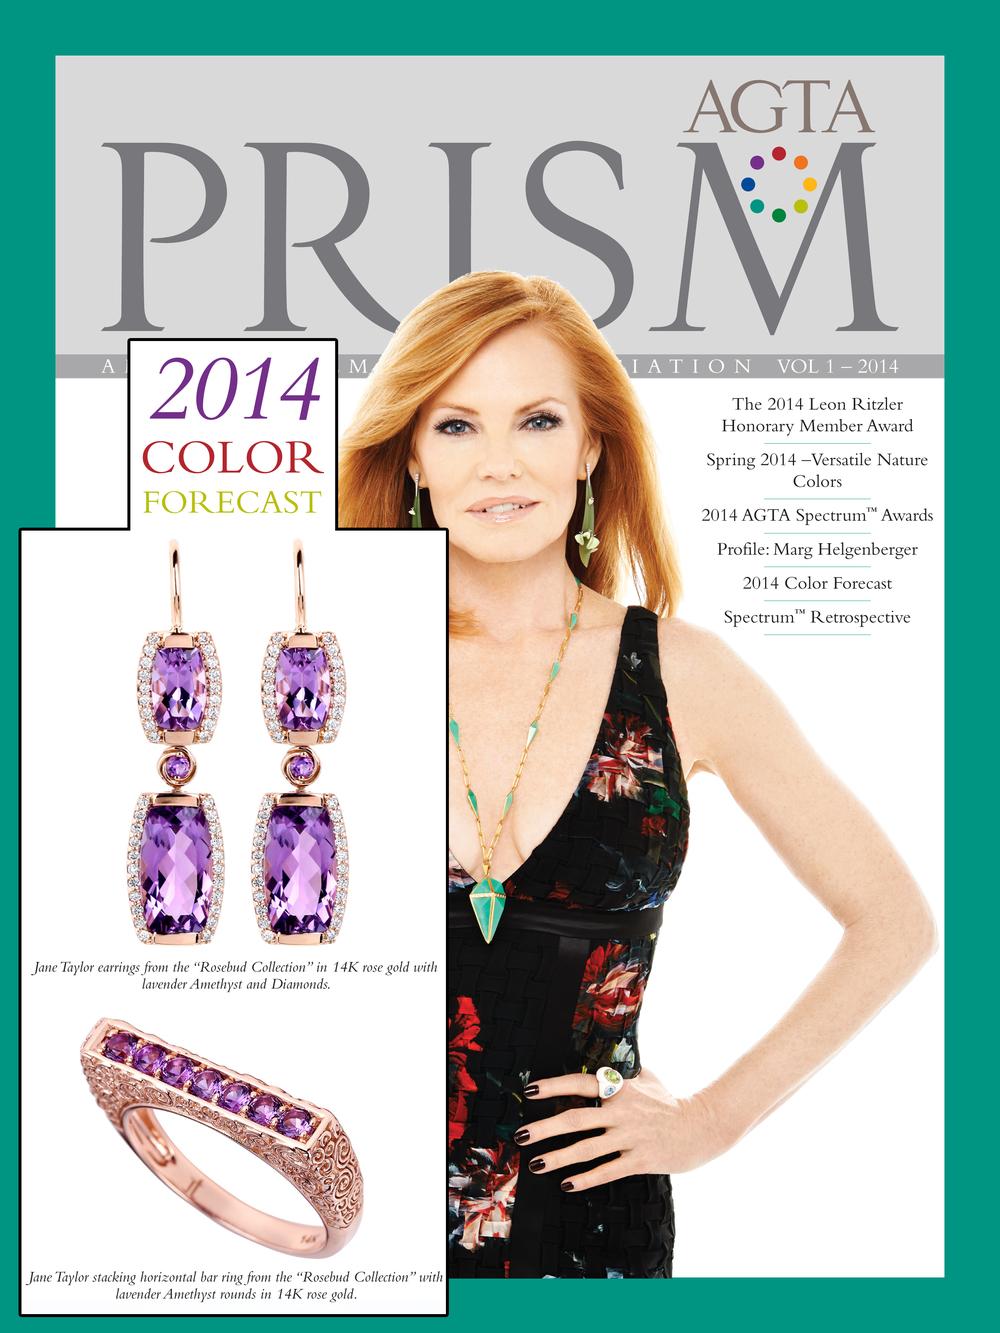 2014-3-AGTA Prism-vol 1.jpg